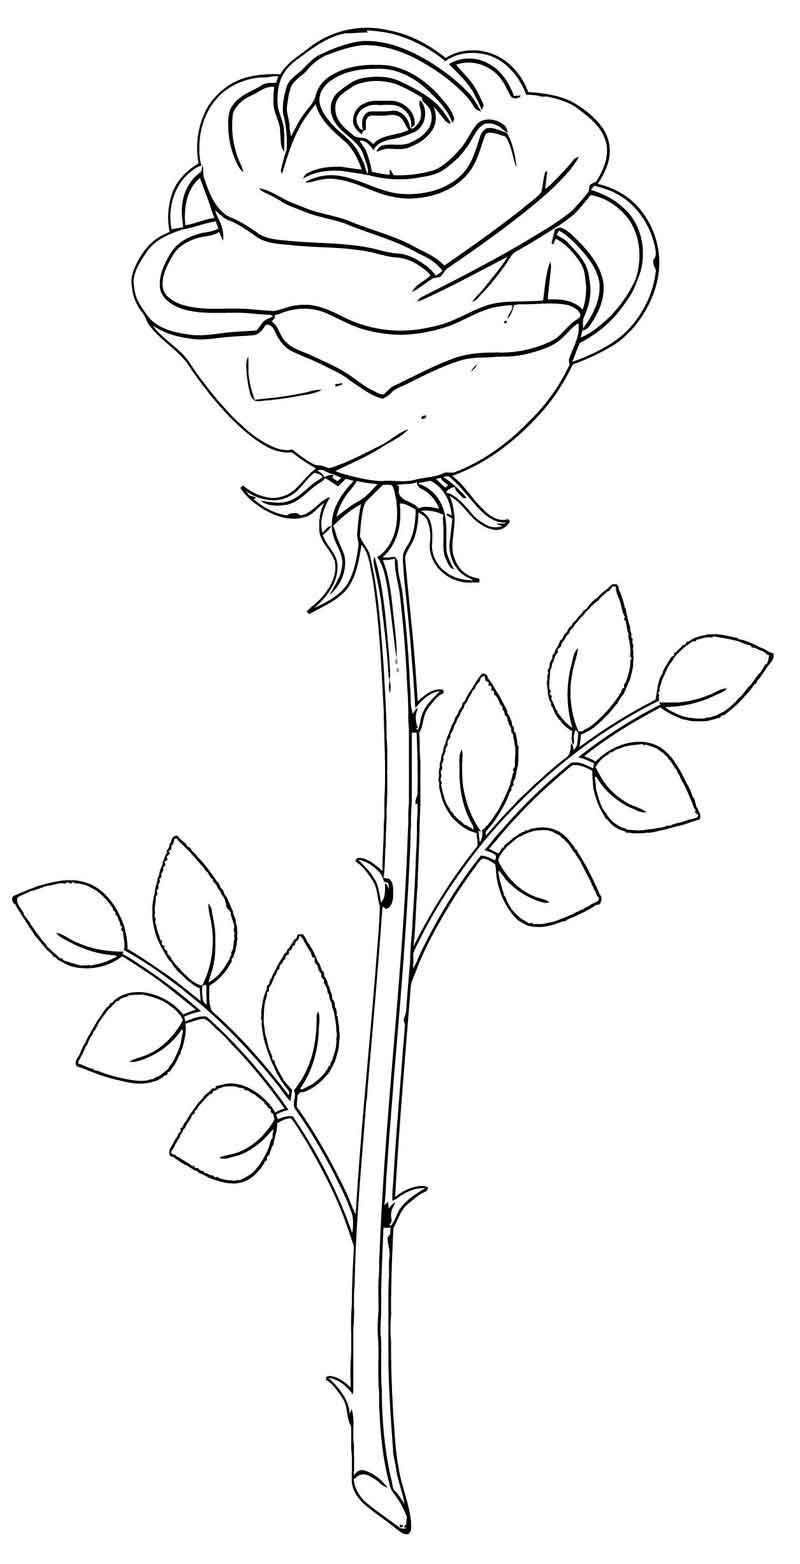 Tranh tô màu bông hoa đơn giản đẹp